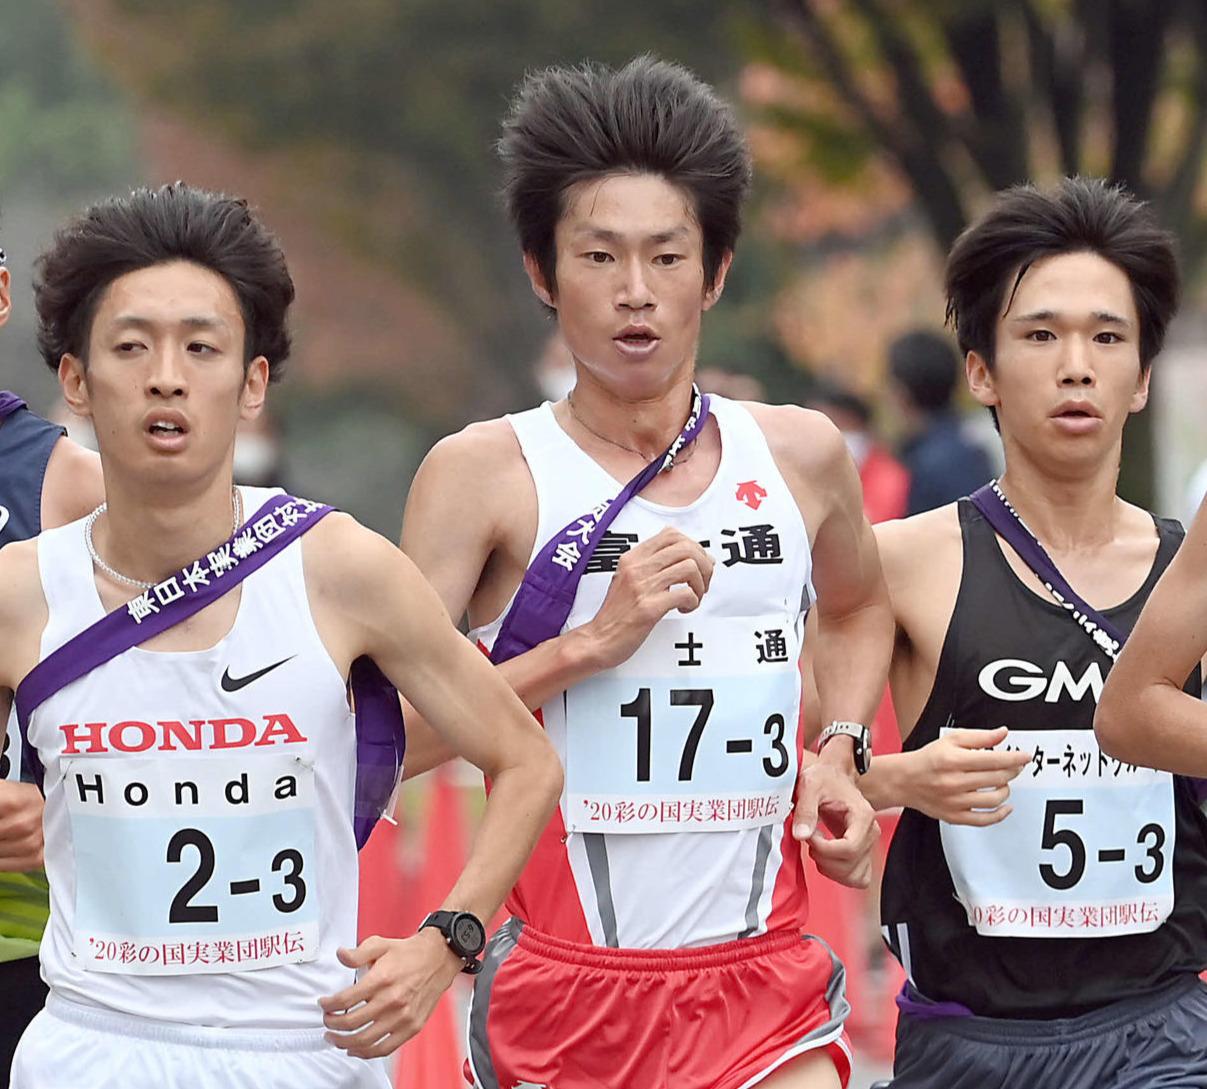 東日本実業団対抗駅伝で走る富士通・中村匠吾(中央)